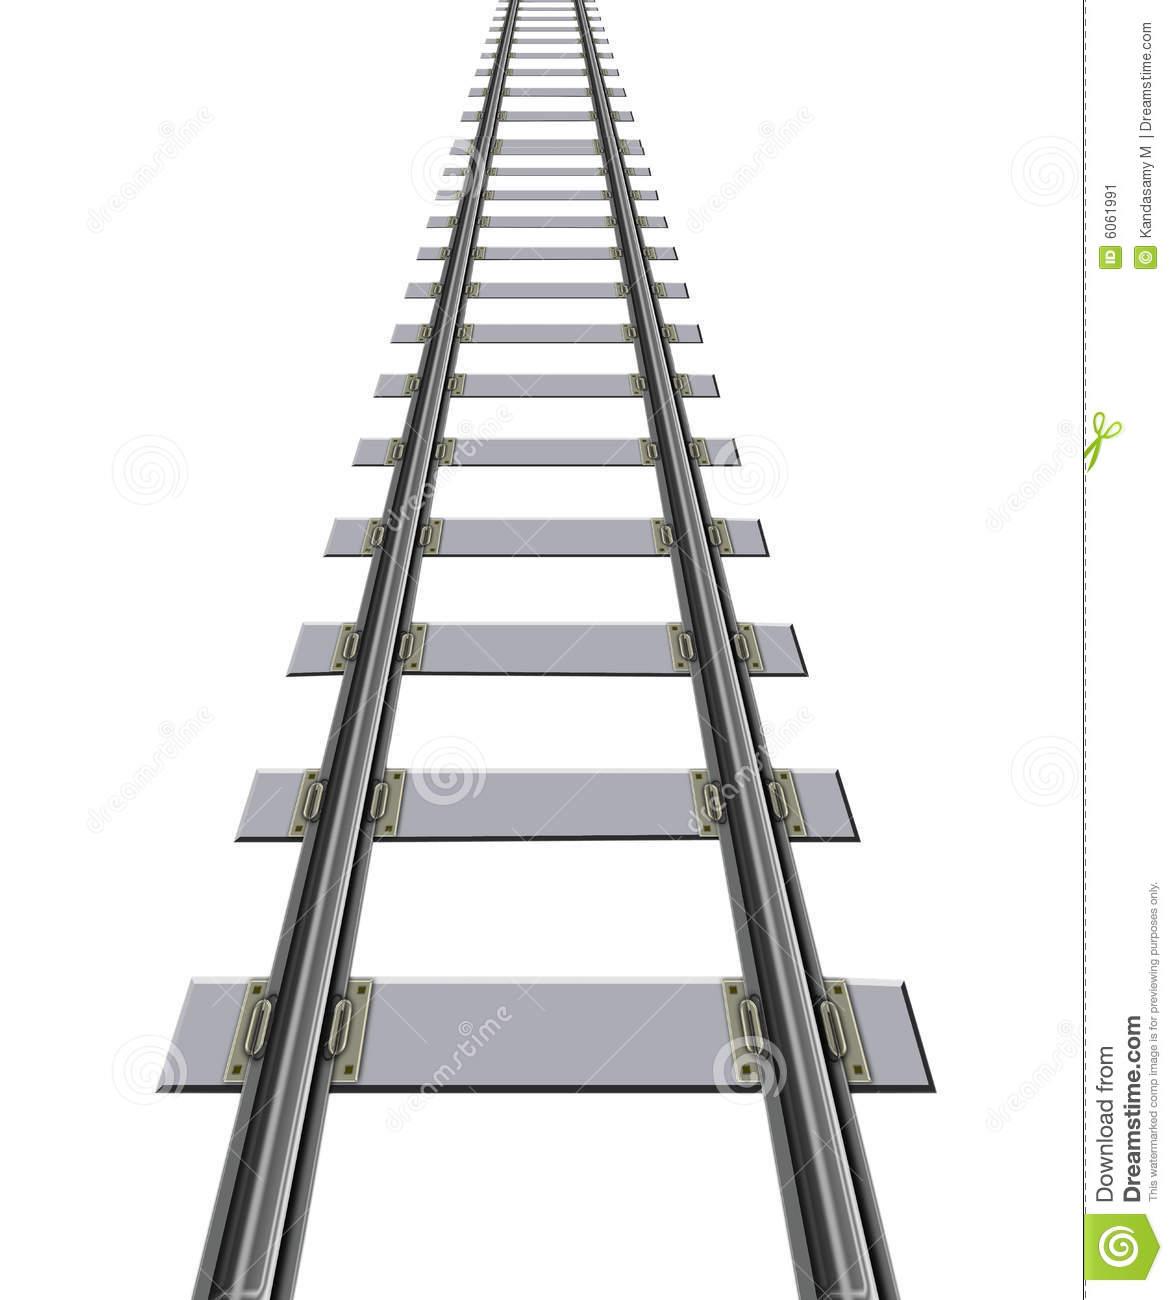 Train Track PNG HD - 121817